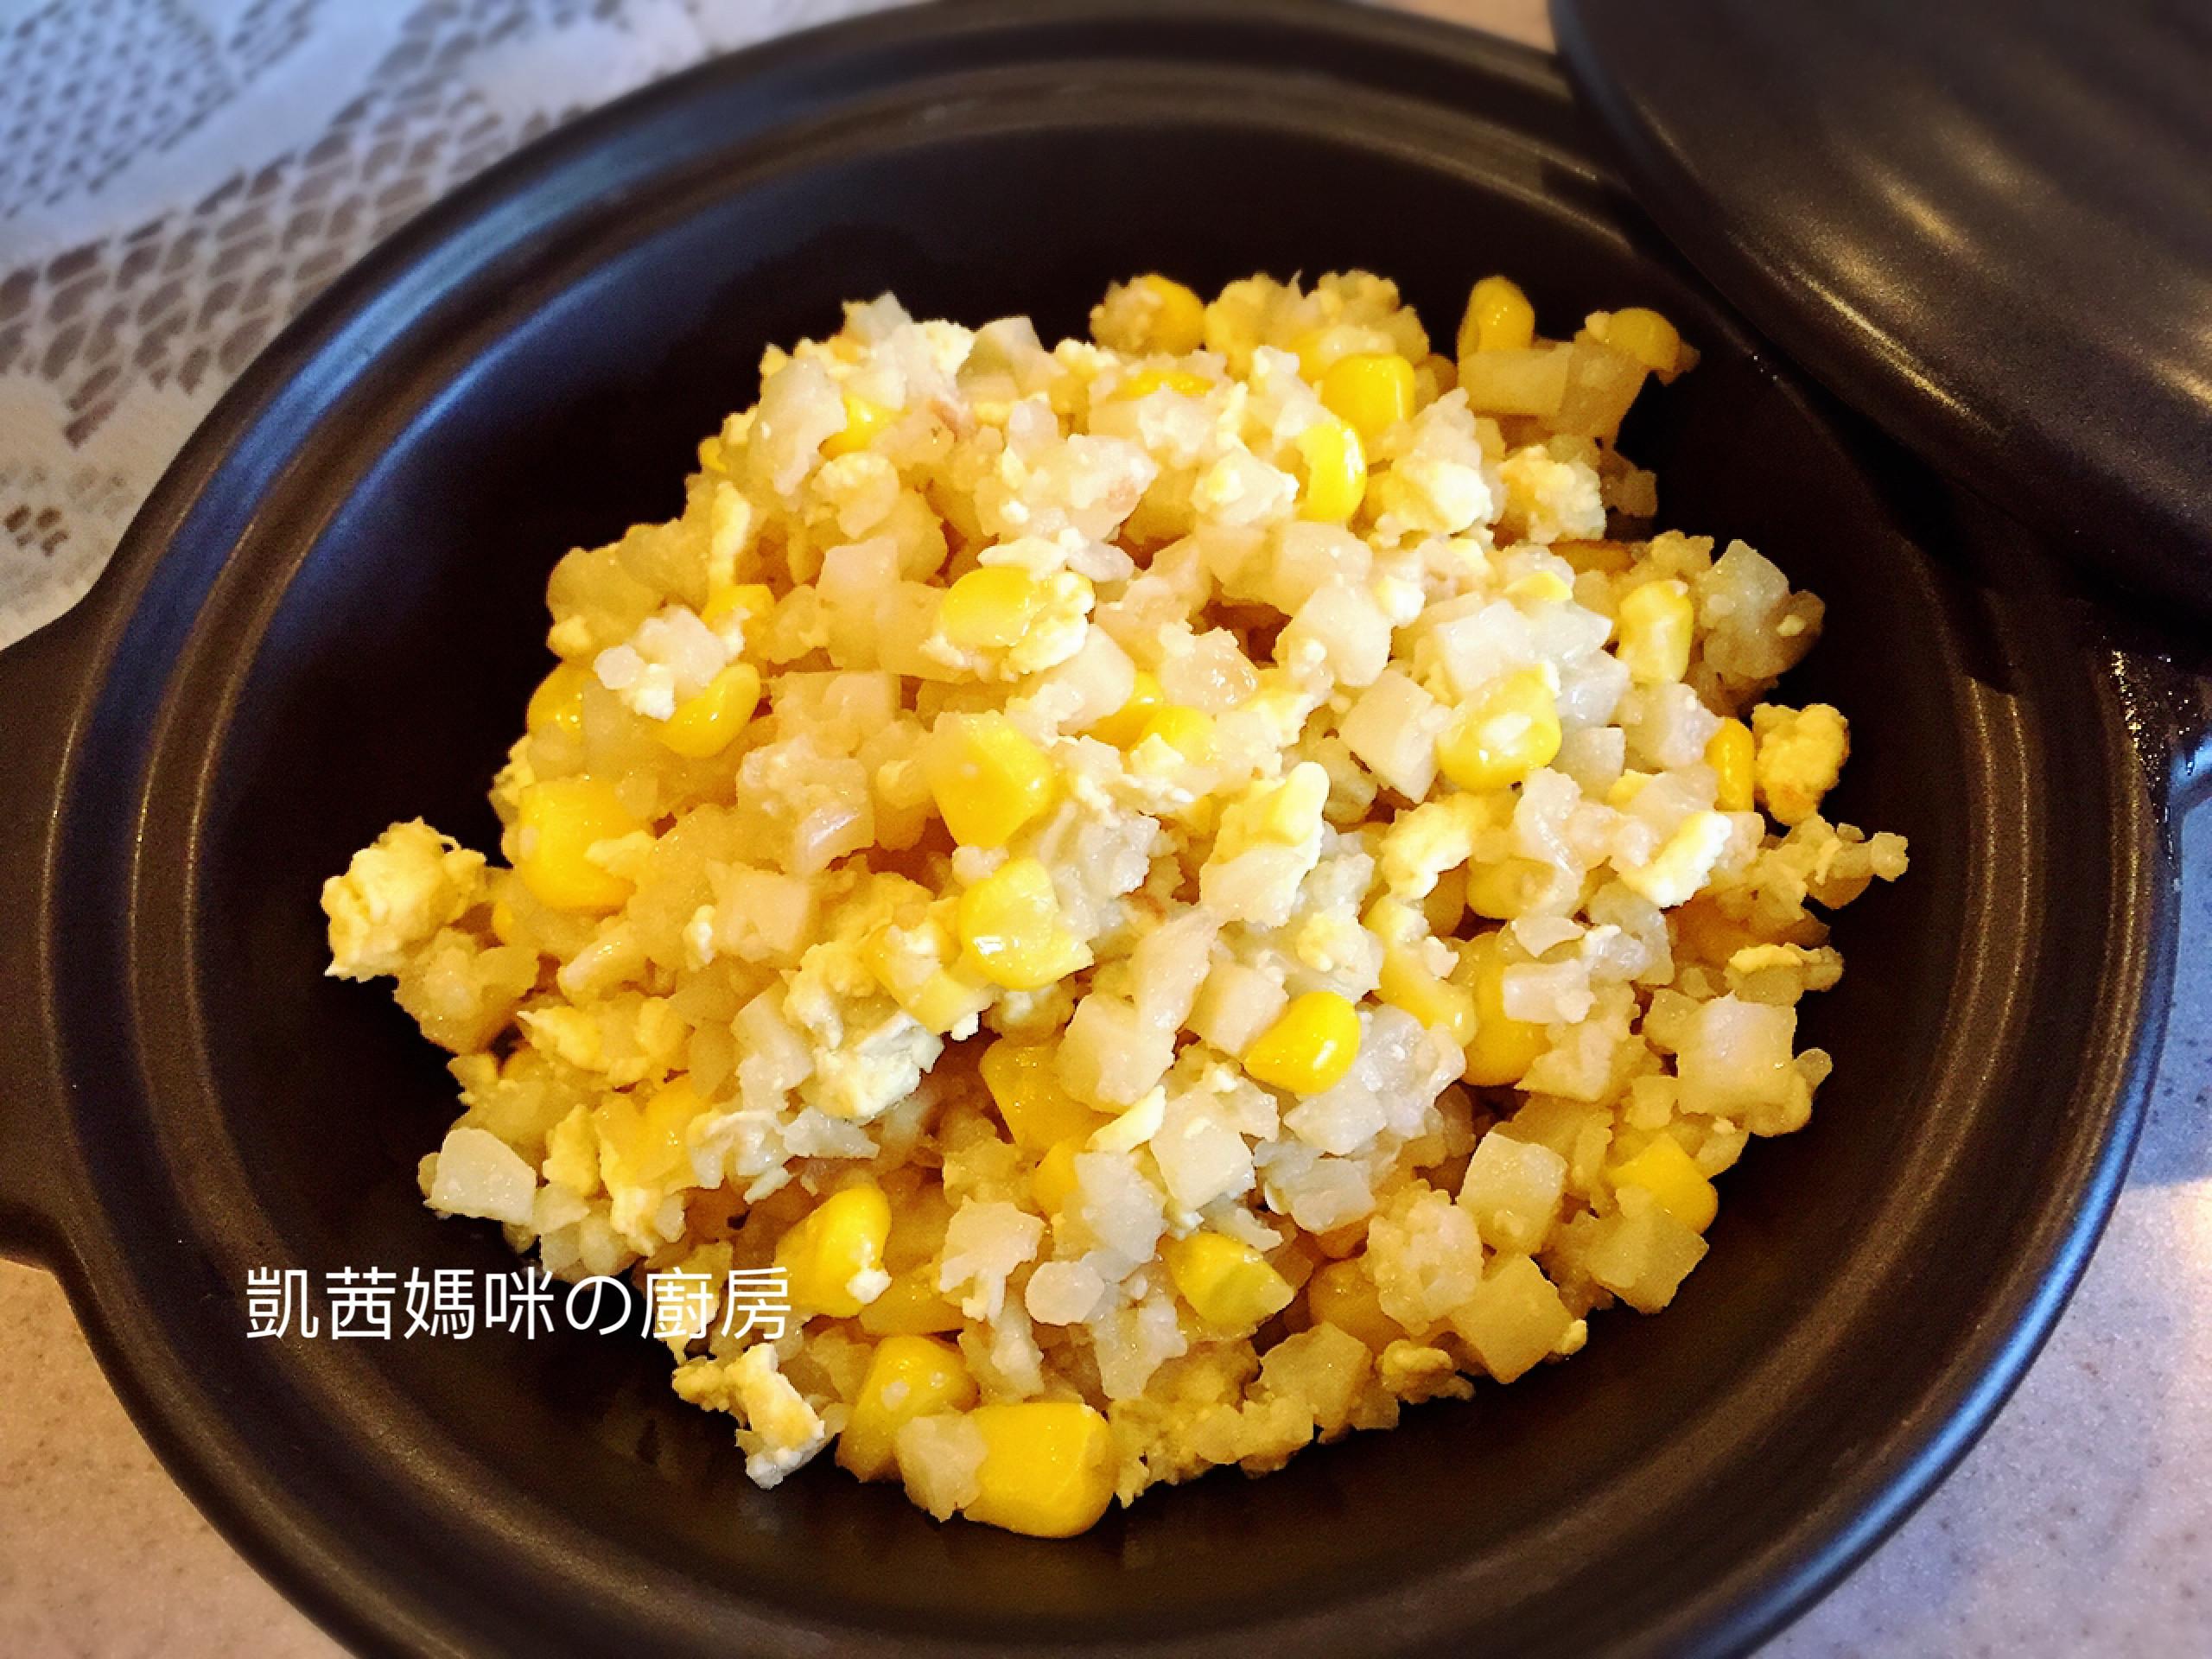 減碳玉米蛋炒飯🎶